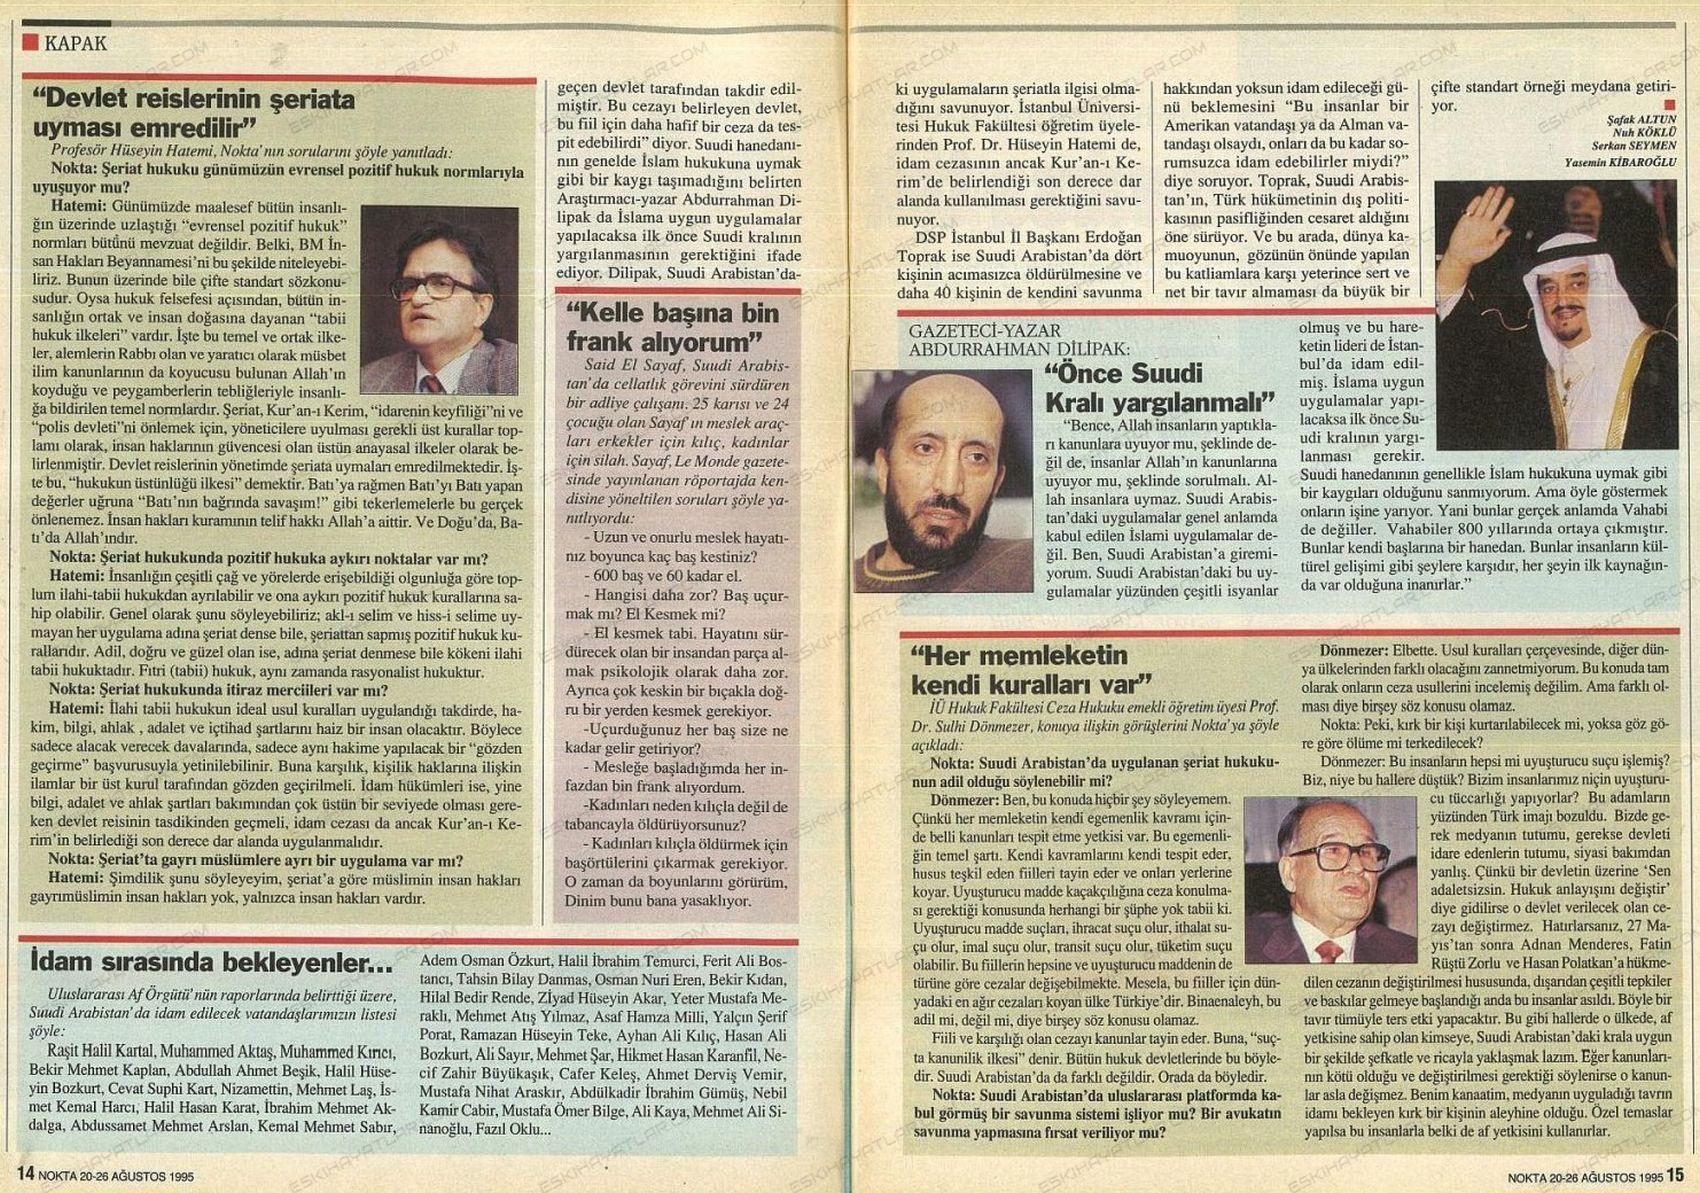 0216-islam-ulkelerinde-seriat-nasildir-1995-nokta-dergisi-carsaf-giyen-kadinlar (5)